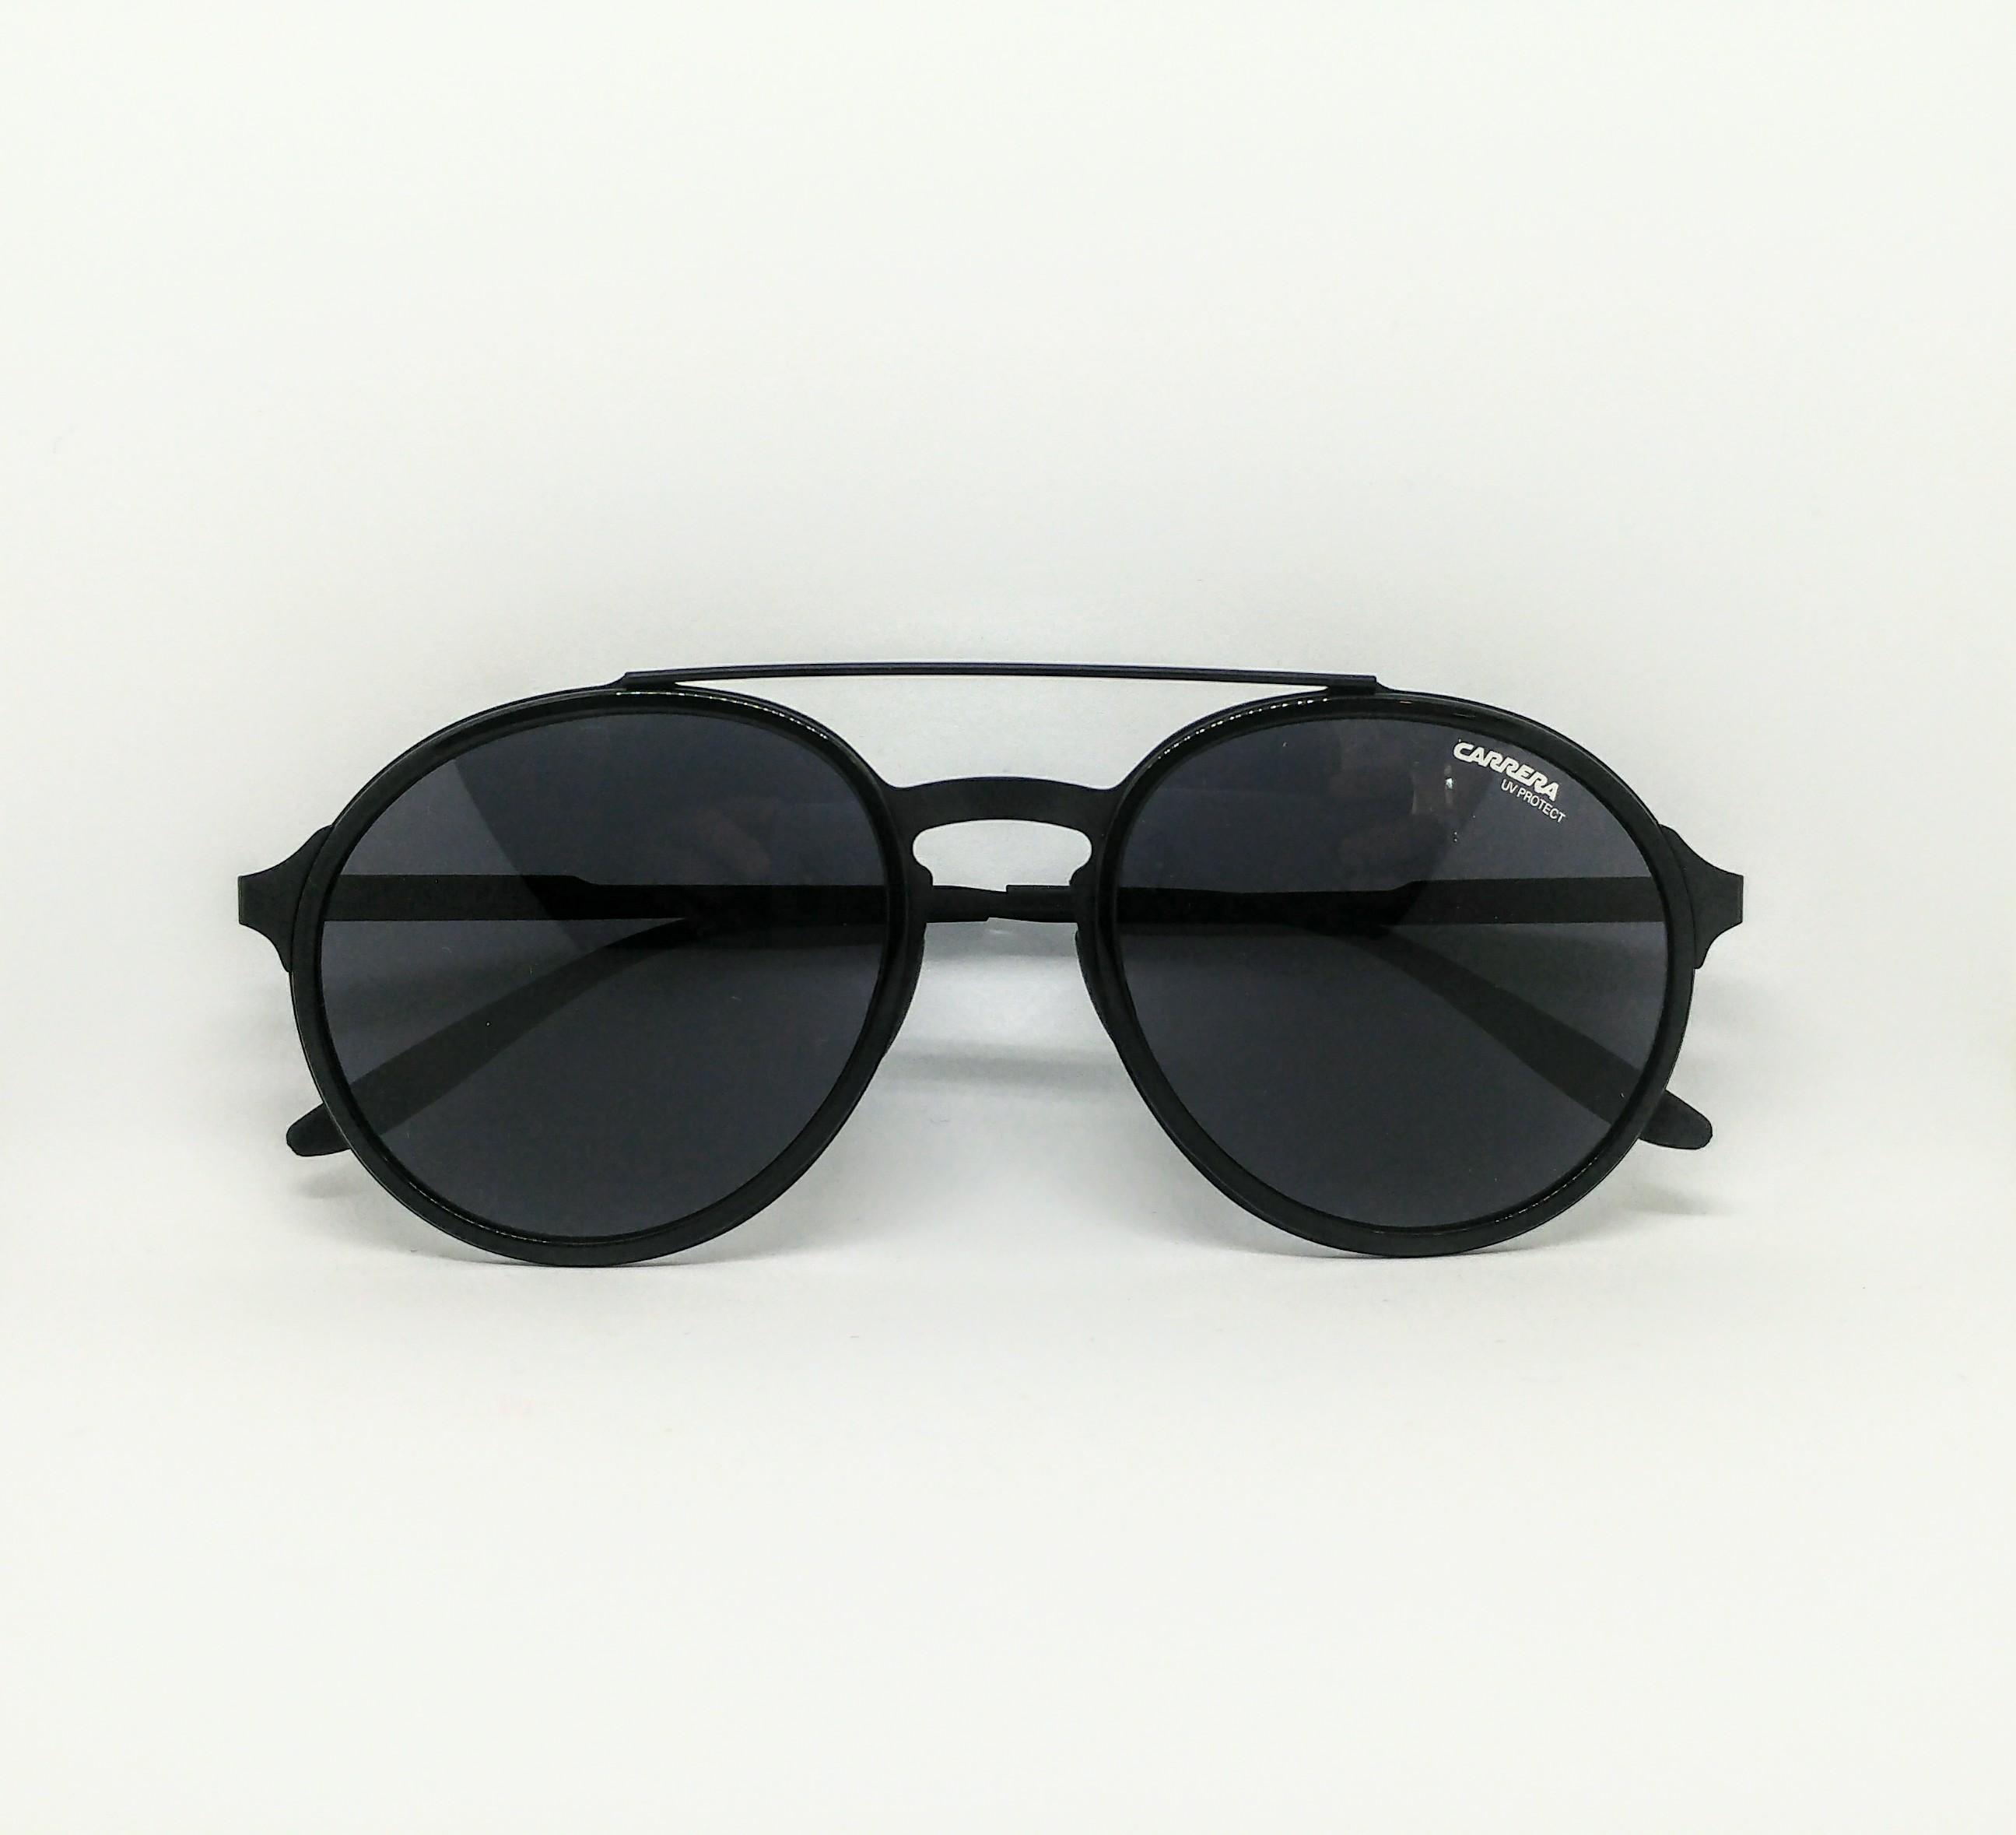 negozio online d1360 100b5 Occhiale da sole Carrera 140/S